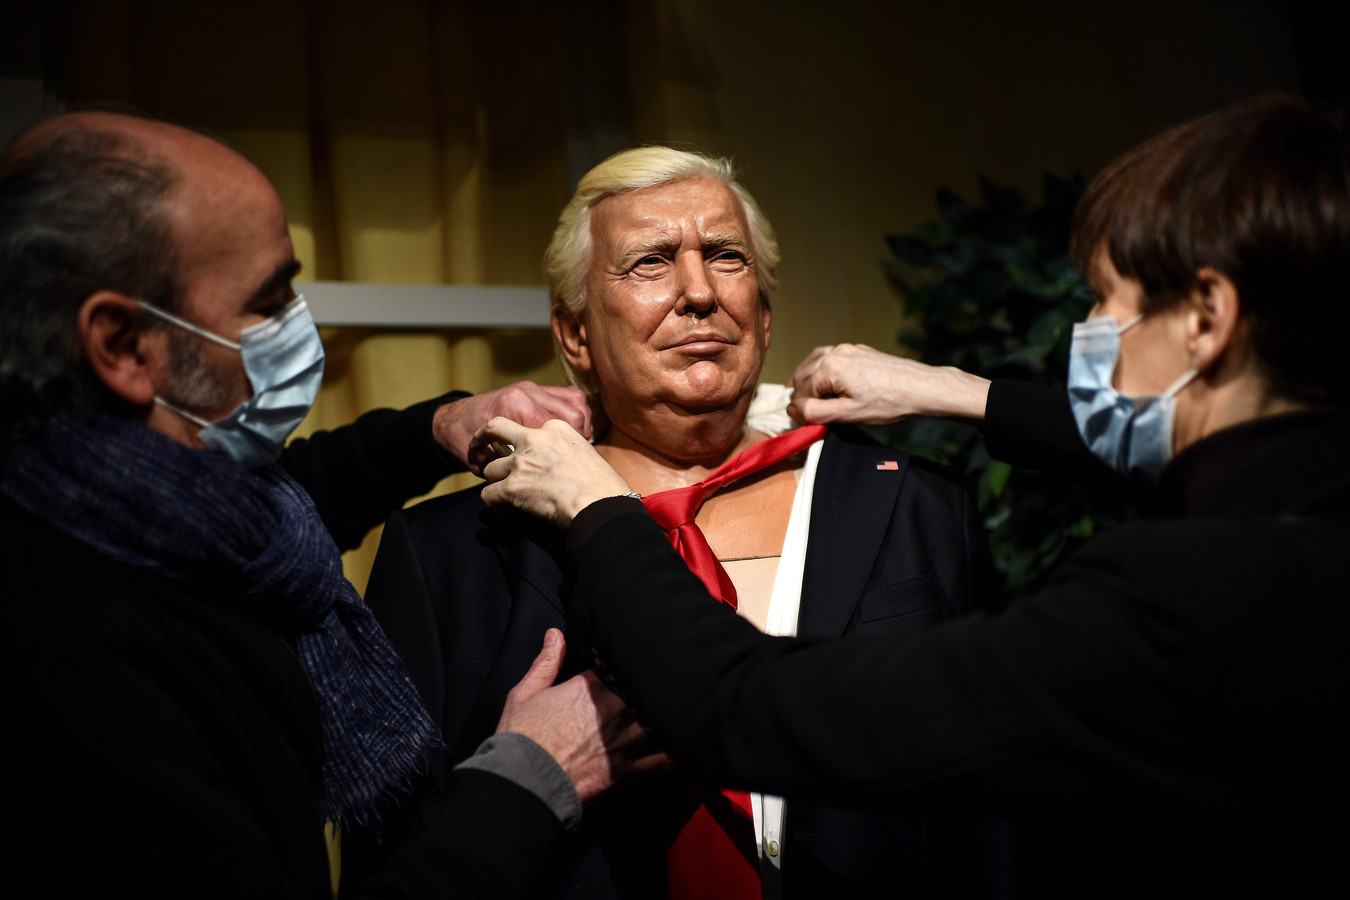 Het wassenbeeldenmuseum in Parijs verwijdert Donald Trump van het tableau met wereldleiders. De aanstaande ex-president krijgt een ander plekje.